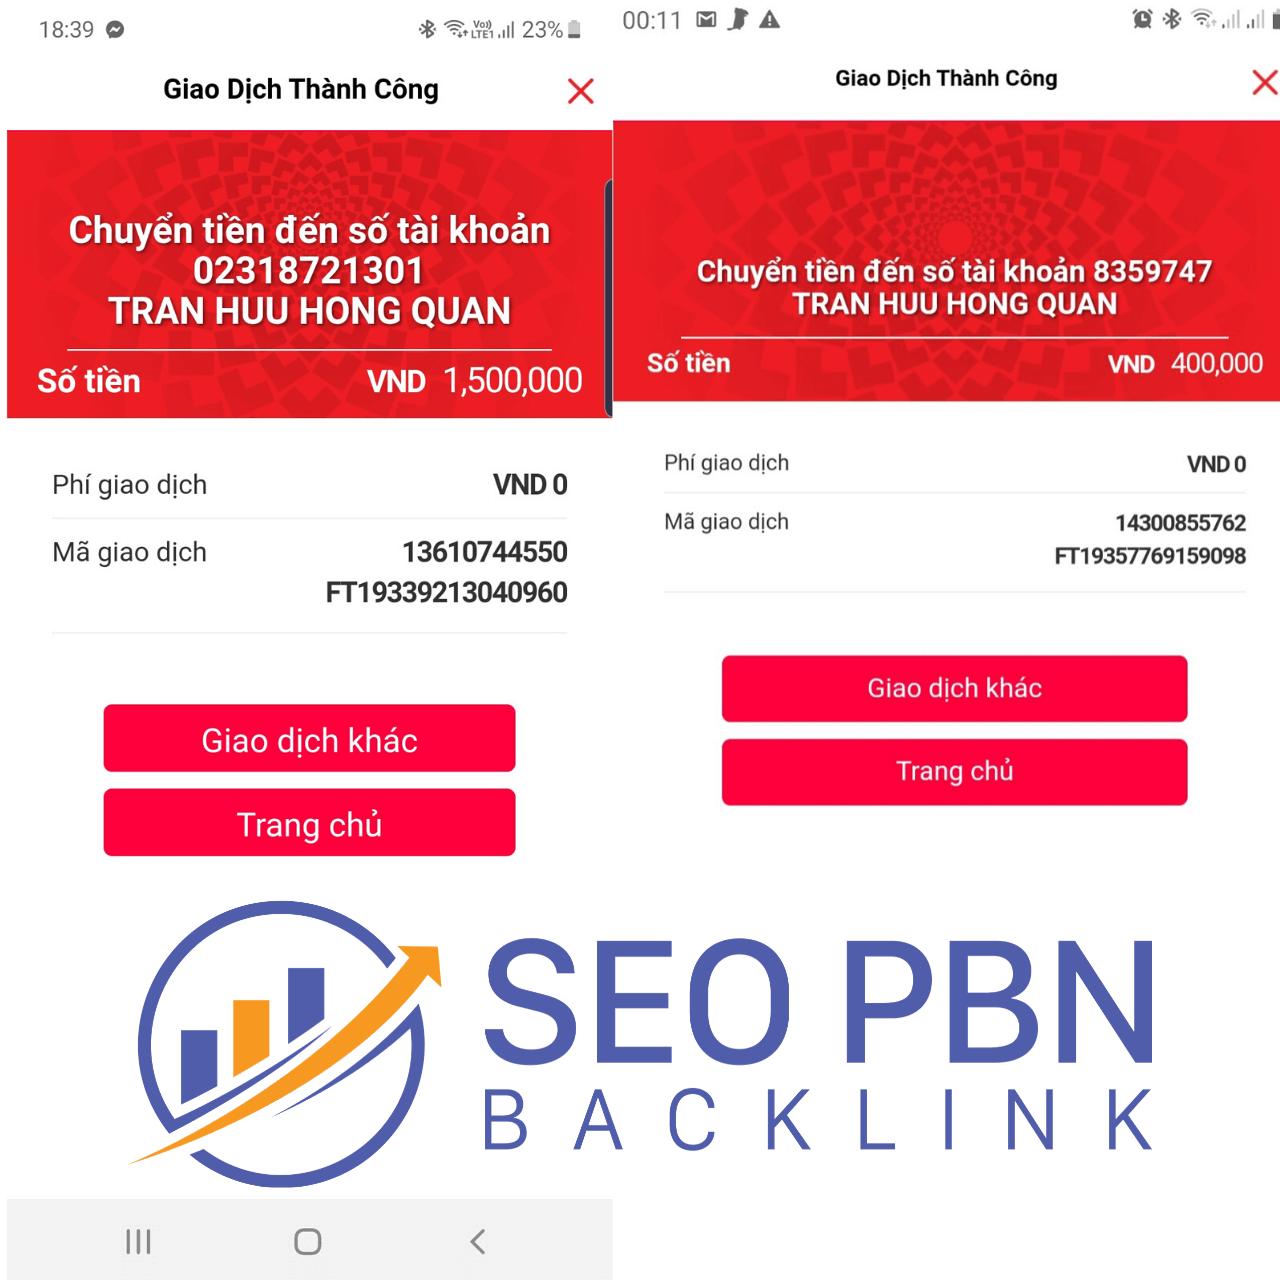 seopbnbacklink (8)